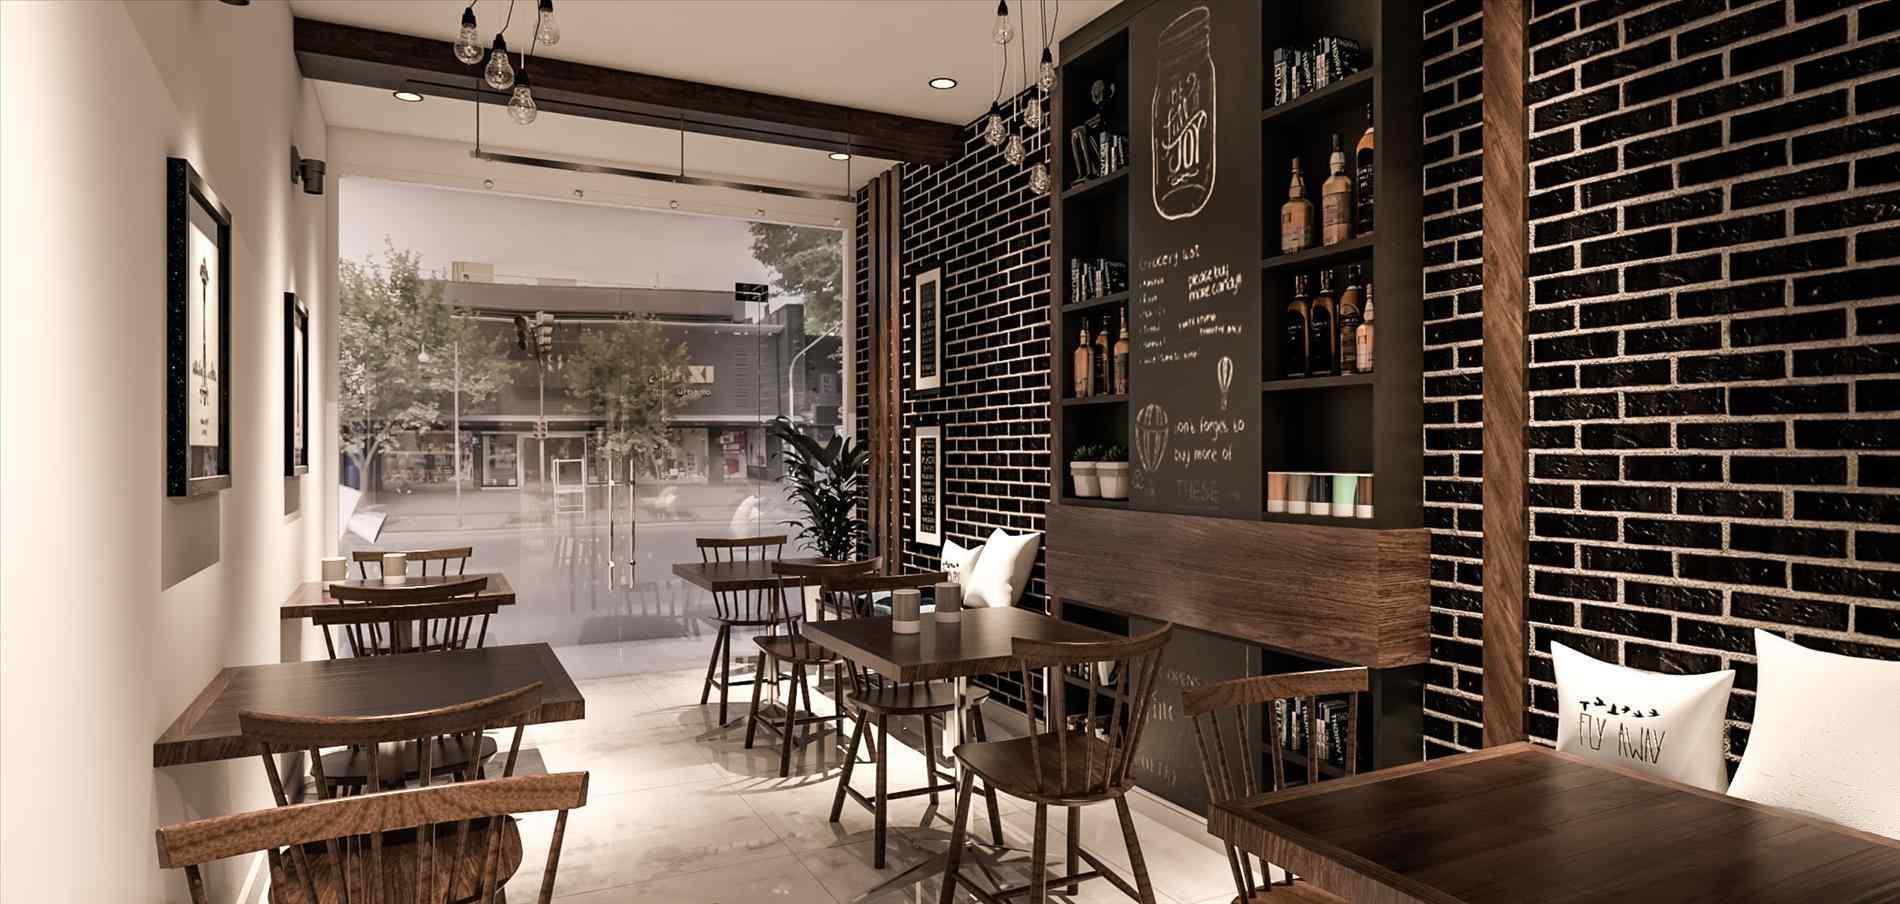 mẫu thiết kế quán cafe đơn giản thịnh hành hiện nay 1